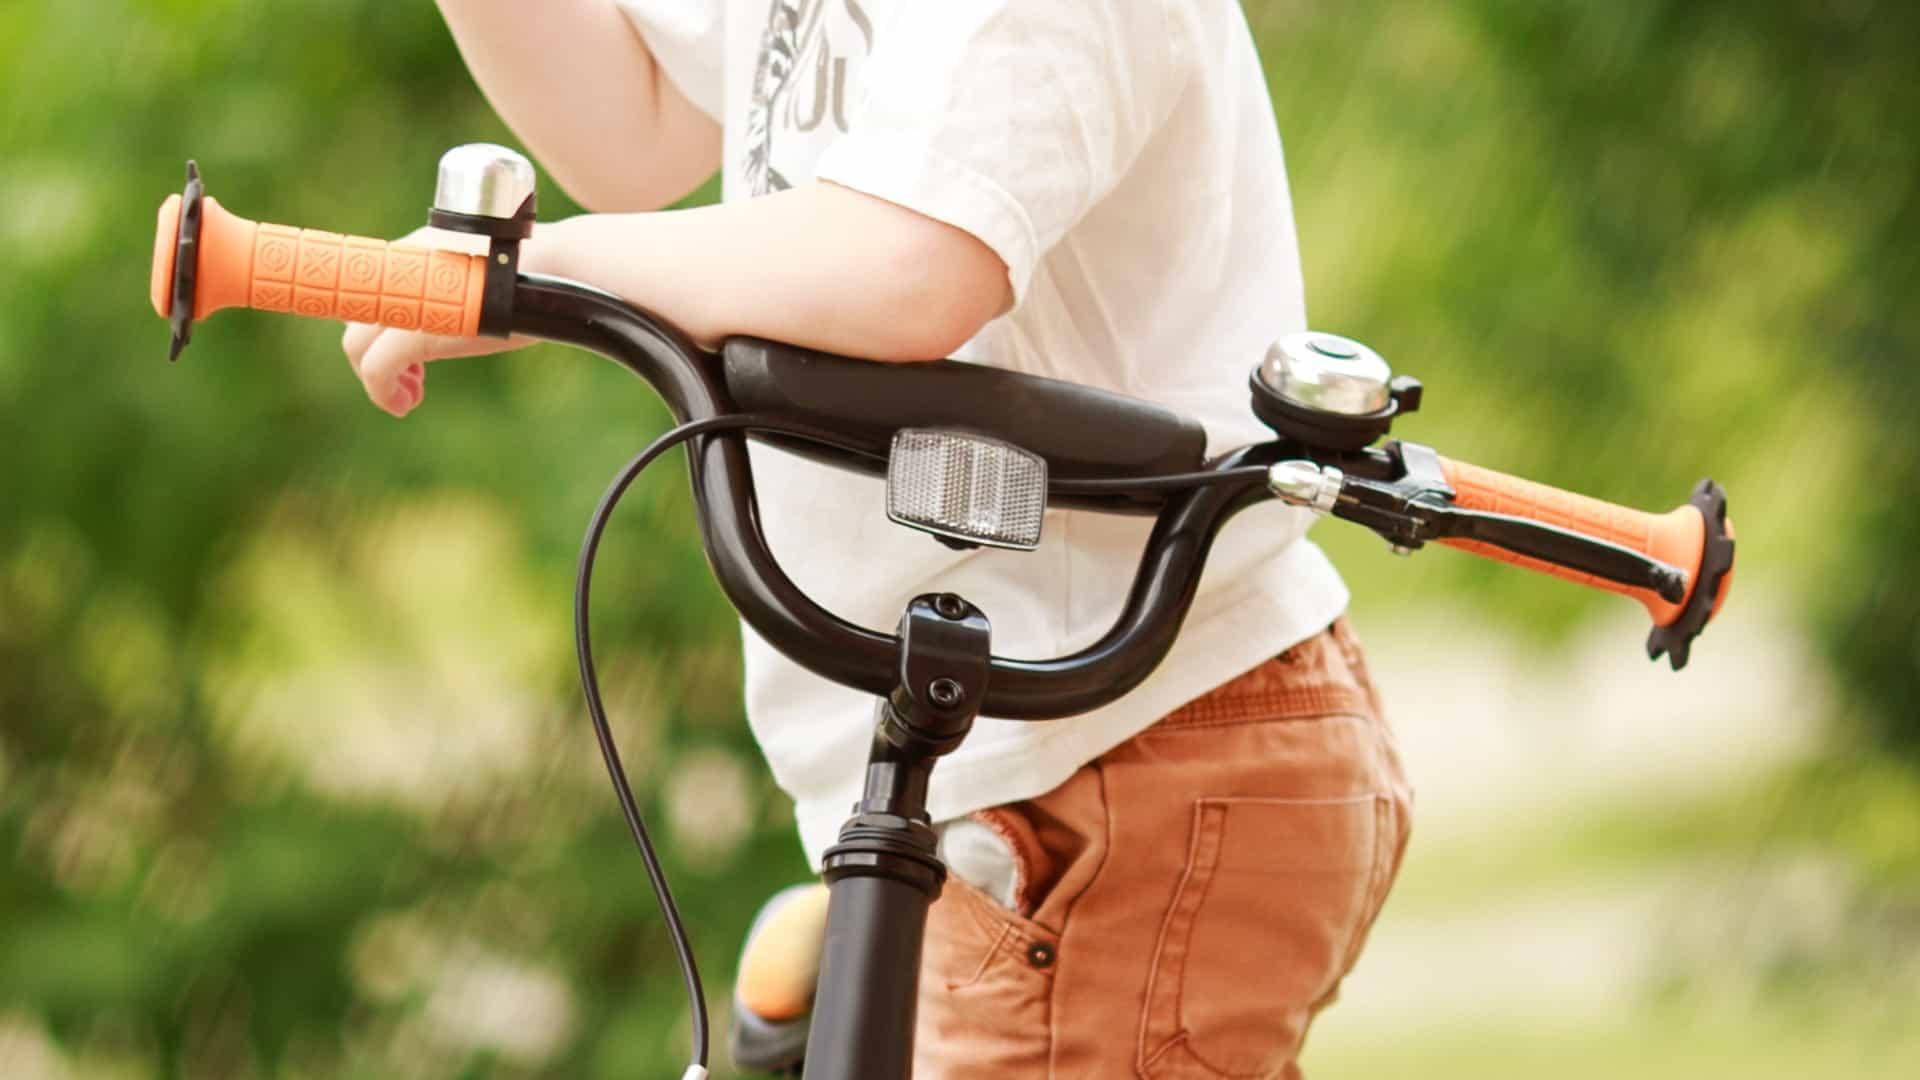 Miglior bicicletta per bambini 2021: Guida all'acquisto